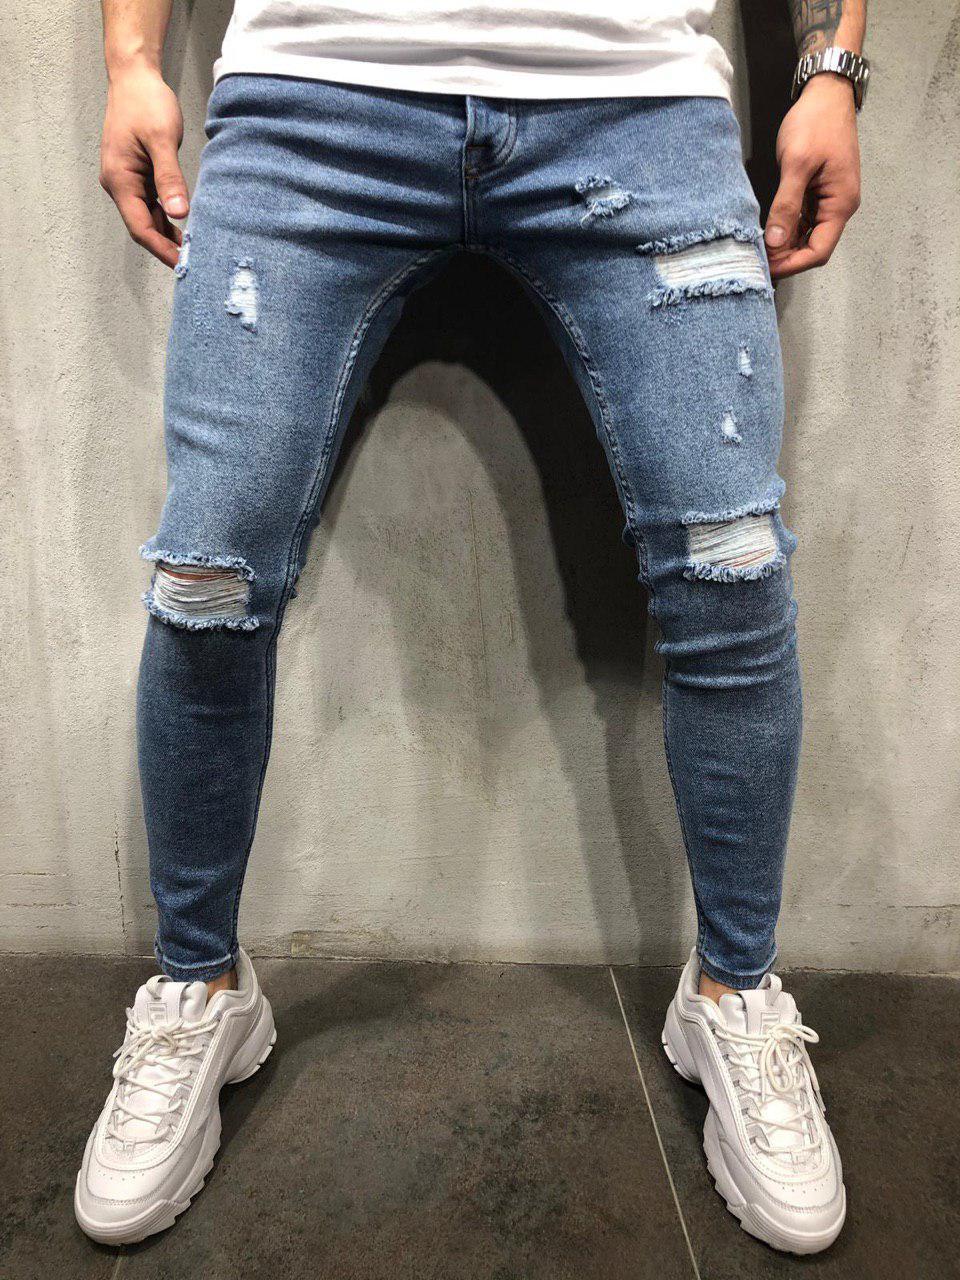 bce2639c340 Джинсы мужские синие рваные зауженные весна лето осень ТОП КАЧЕСТВО мужские  джинсы темно-синие